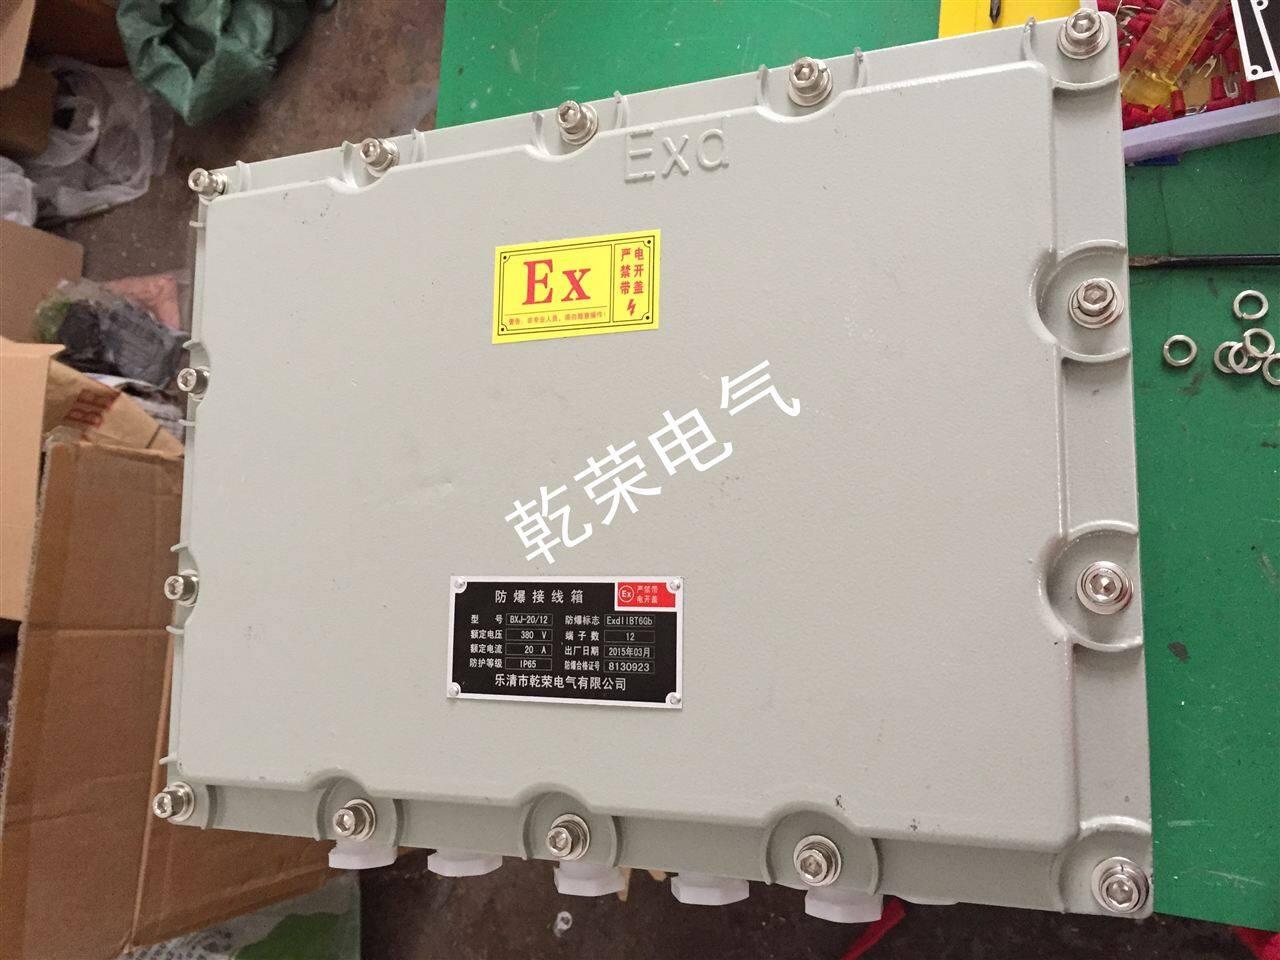 防爆接线箱执行标准 防爆接线箱是按照GB3836.1-2000《爆炸性气体环境用电气设备第一部分:通用要求》、GB3836.2-2000《爆炸性气体环境用电气设备第二部分:隔爆型d》、GB3836.3-2000《爆炸性气体环境用电气设备第三部分:增安型e》标准设计制造,经国家指定检验机关检验合格,并颁发防爆合格证。 A、外壳采用铸铝合金压铸成型,表面喷塑。主腔采用隔爆型结构,接线腔增安型结构。内可选配装断路器、交流接触器、热继电器、变压器、熔断器、Ex防爆控制按钮、信号灯、转换开关等。配电箱采用模块